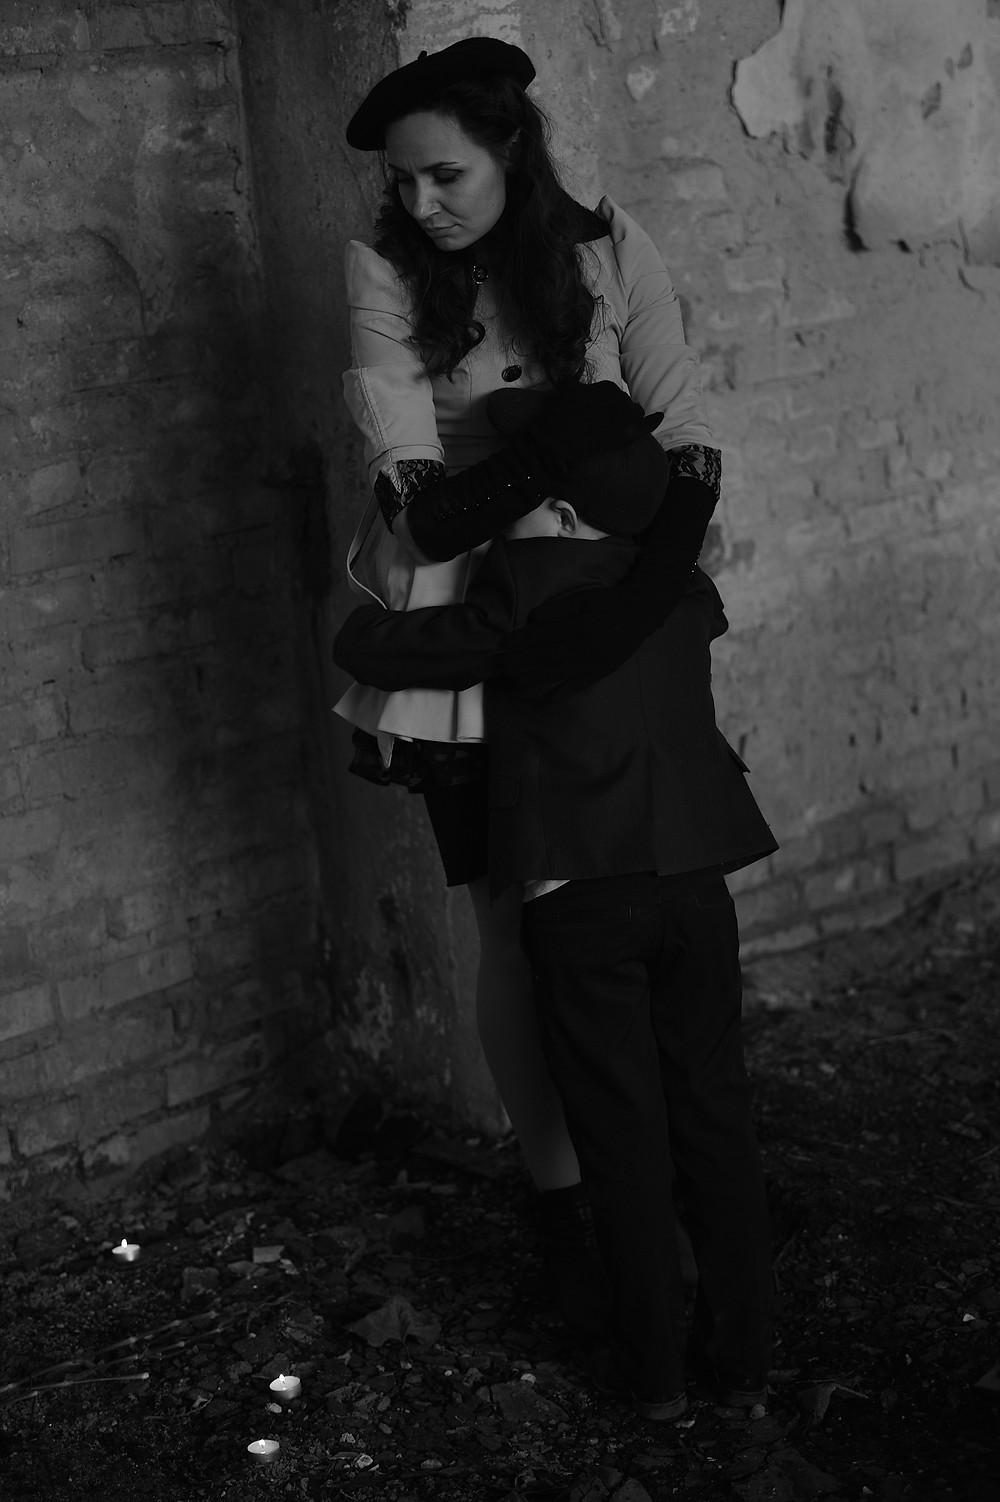 Auschwitz-Birkenau Аушвиц Освенцим вторая мировая война память жертв холокоста